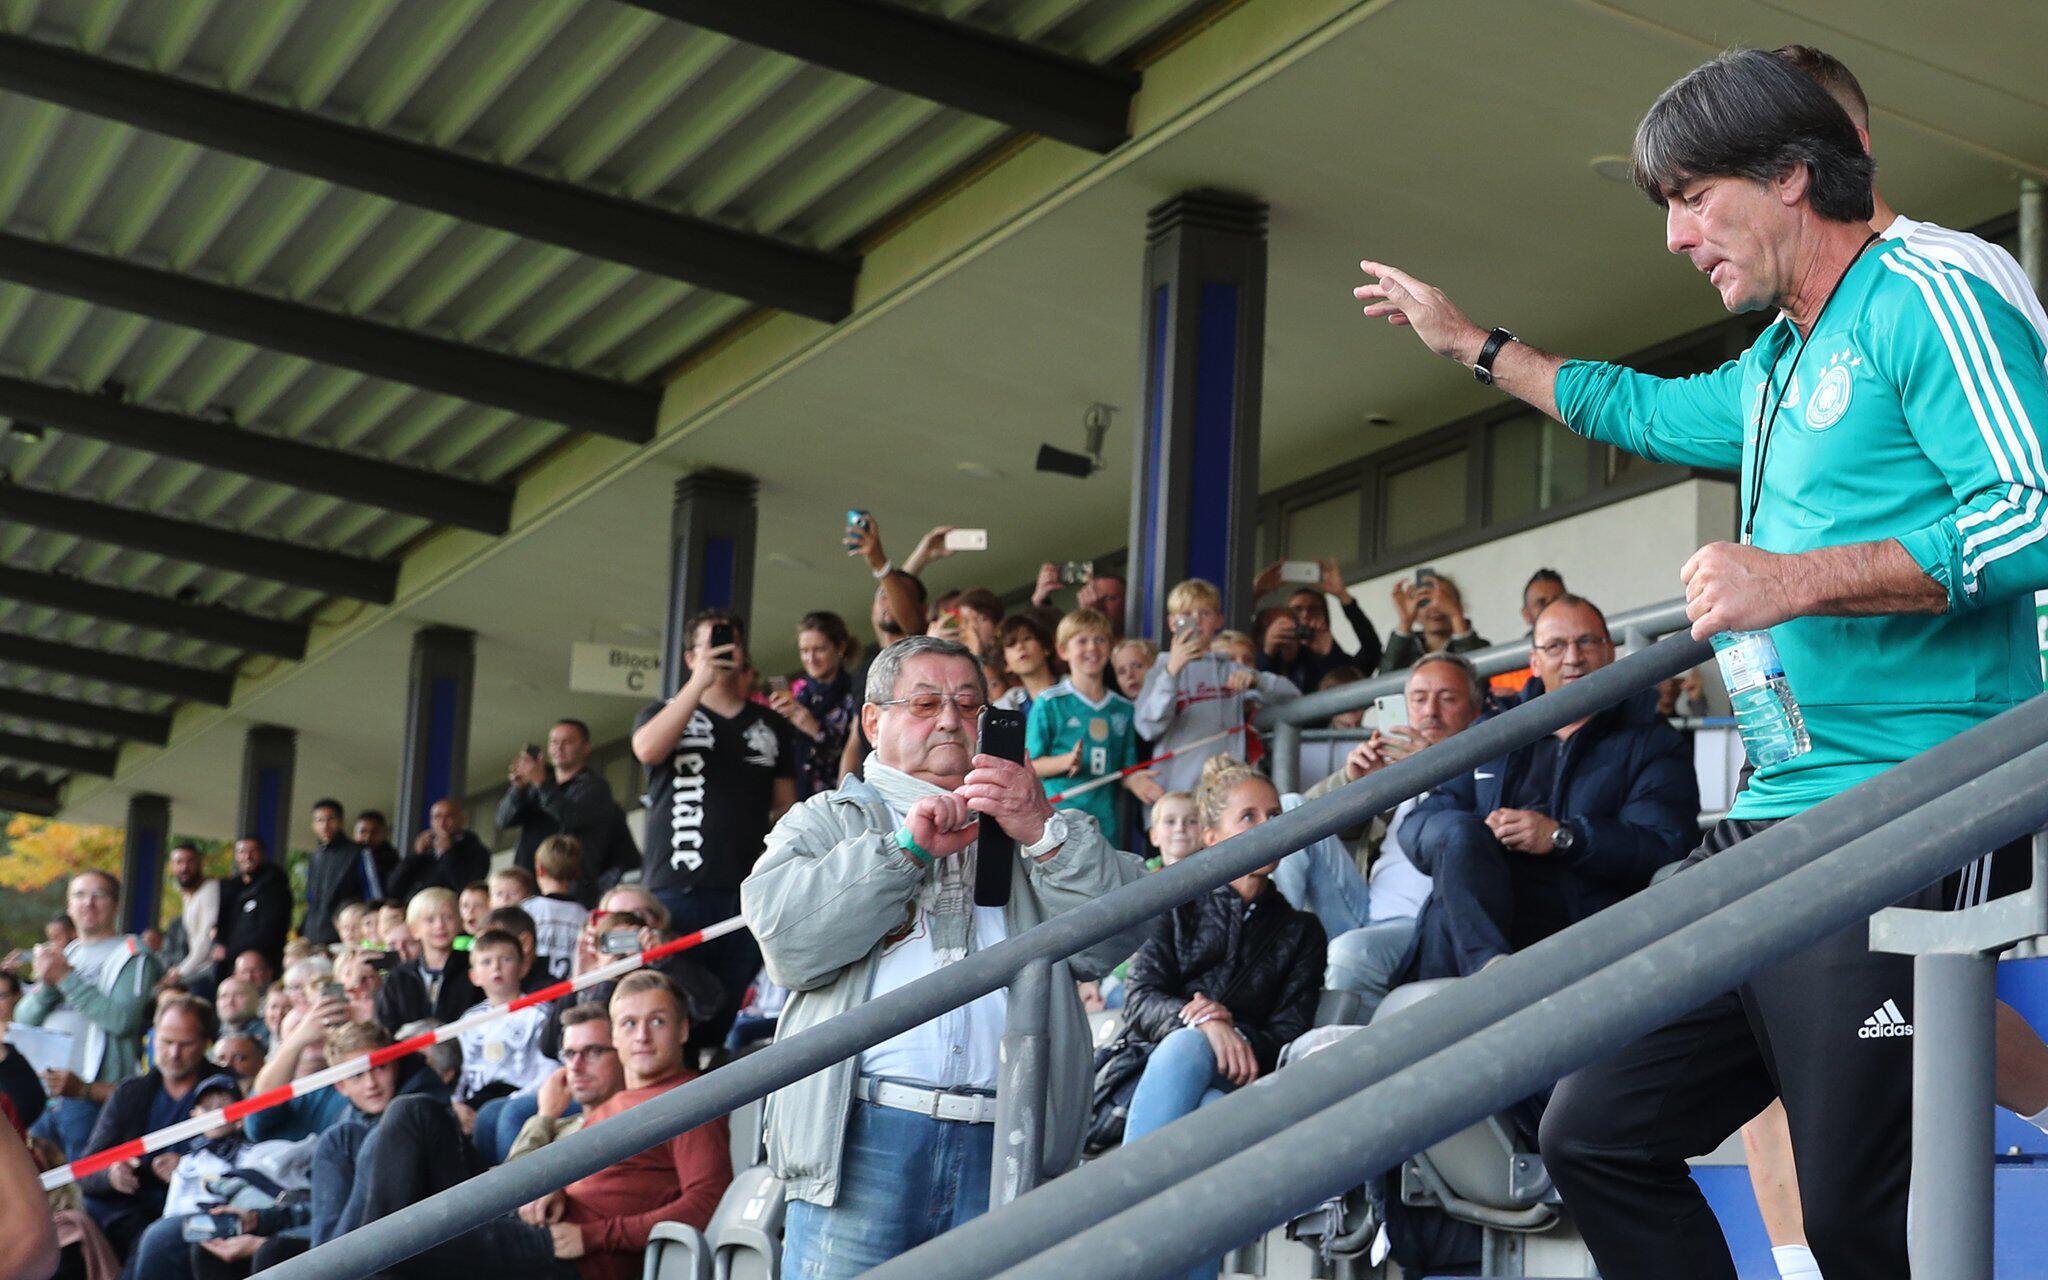 Bild zu Nationalmannschaft, Training, Berlin, Joachim Löw, Bundestrainer, Fans